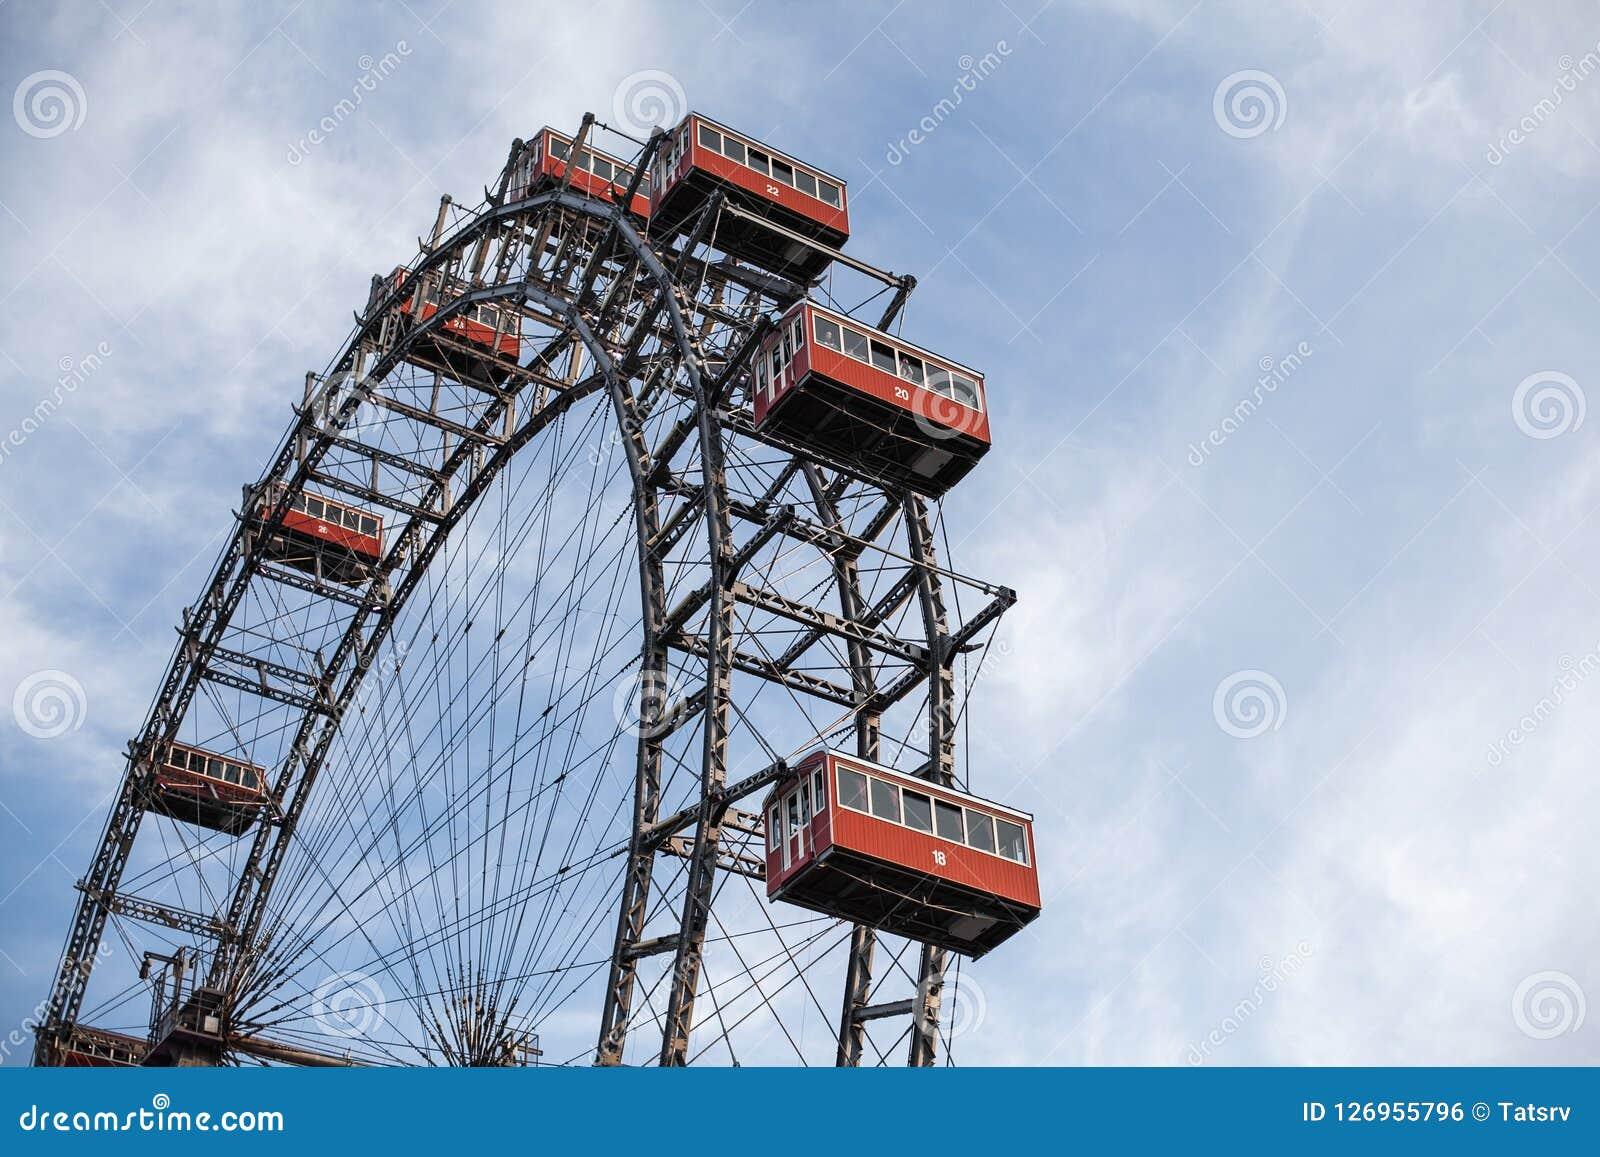 Viena, Austria 5 de junio de 2018: Gigante Ferris Wheel Wiener Riesenrad de Prater a partir de 1897, señal histórica de la ciudad